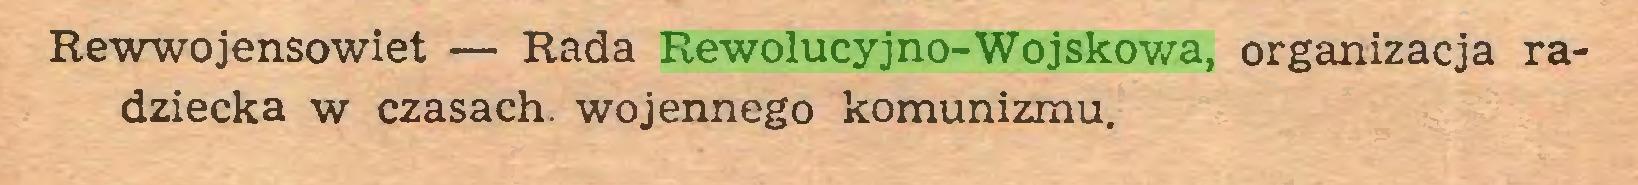 (...) Rewwojensowiet — Rada Rewolucyjno-Wojskowa, organizacja radziecka w czasach, wojennego komunizmu...